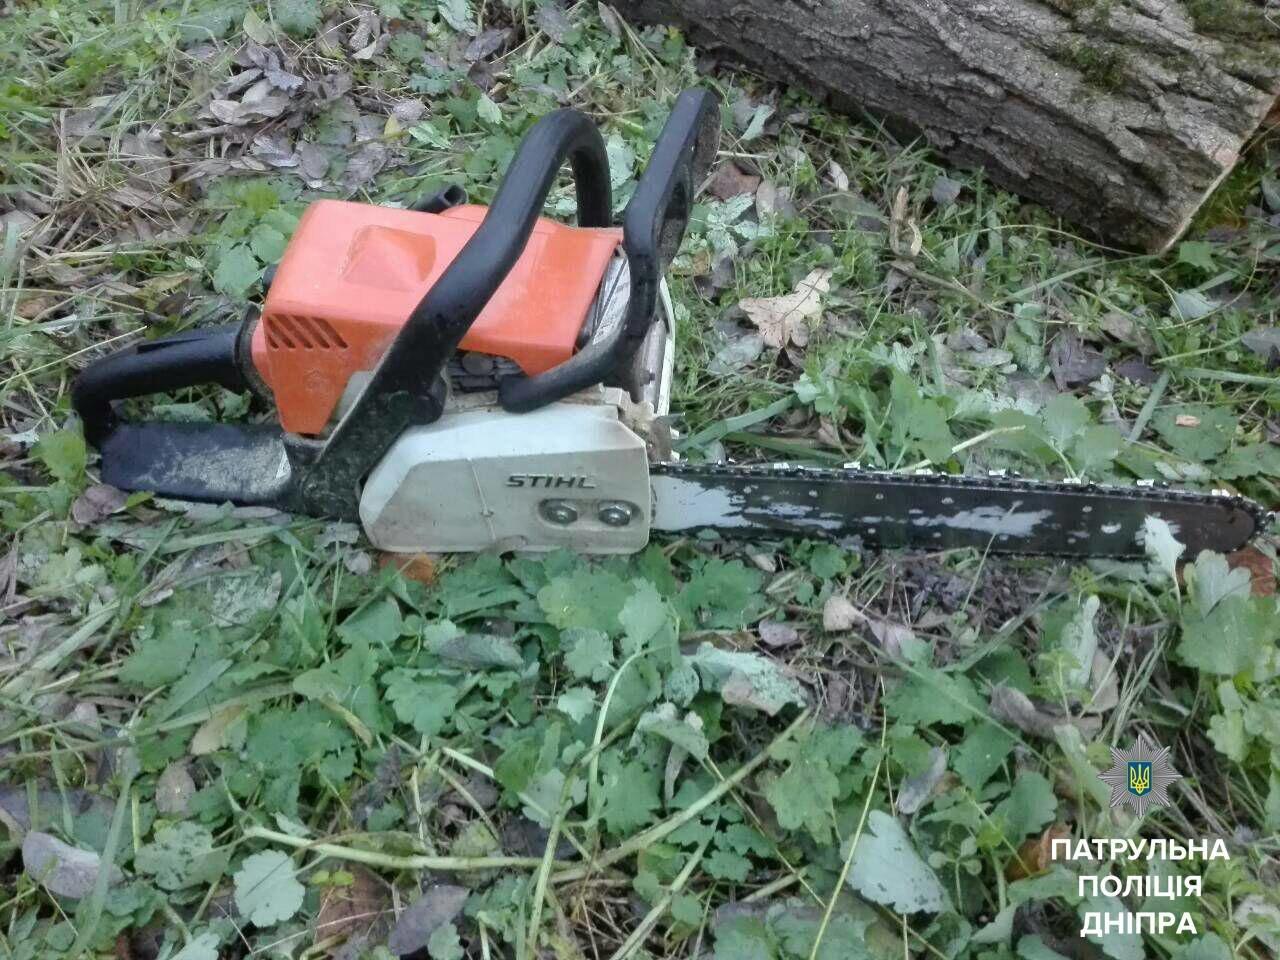 В заповеднике Днепропетровской области задержали браконьера (ФОТО), фото-2